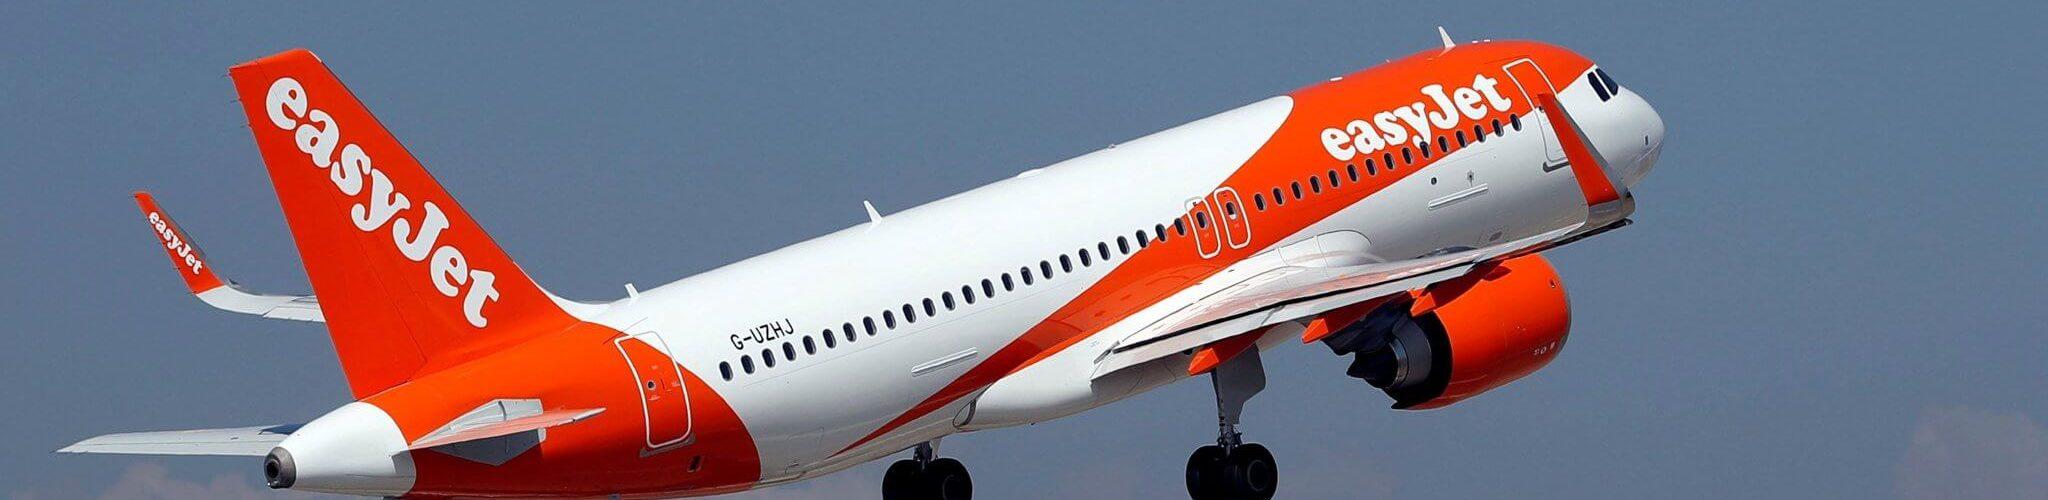 Nova conexão EasyJet com o Egito decola de Nápoles para Hurghada